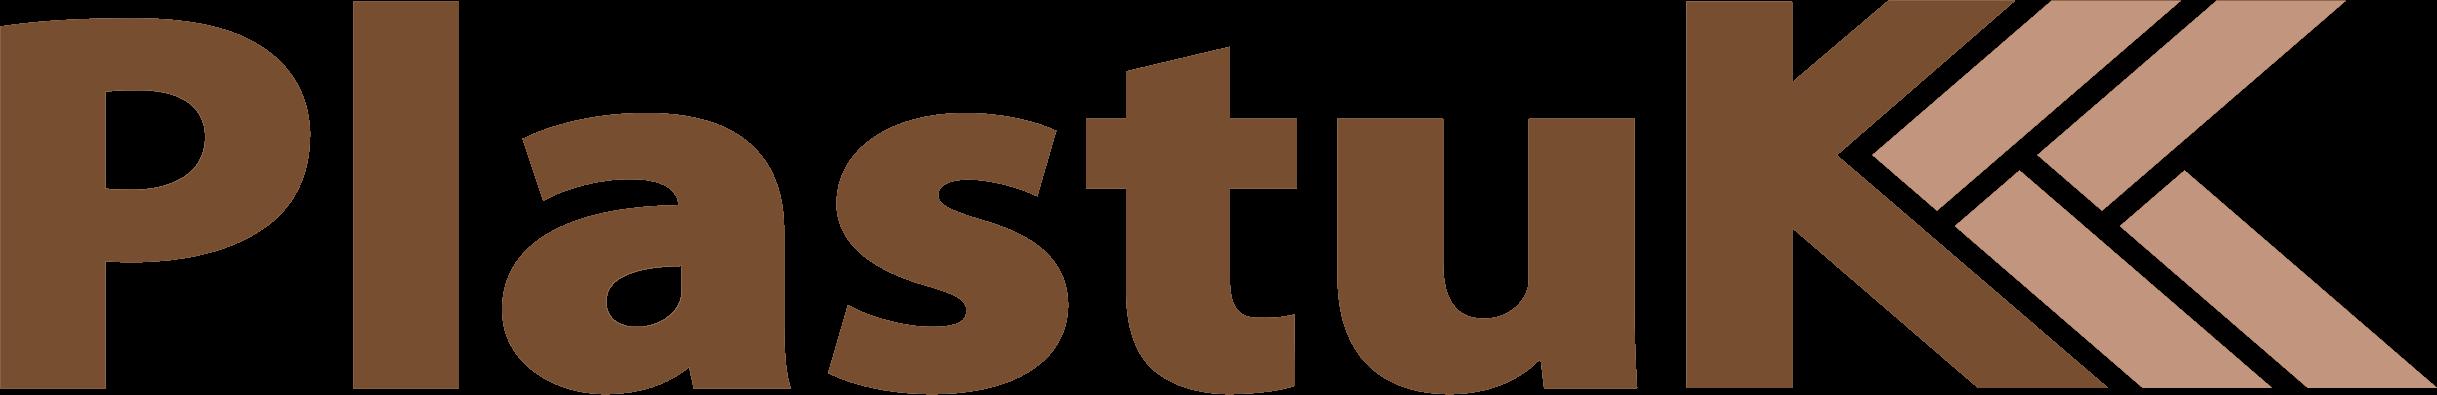 plastuk_logo fagitt Fa karbantartó és javító fagitt plastuk logo